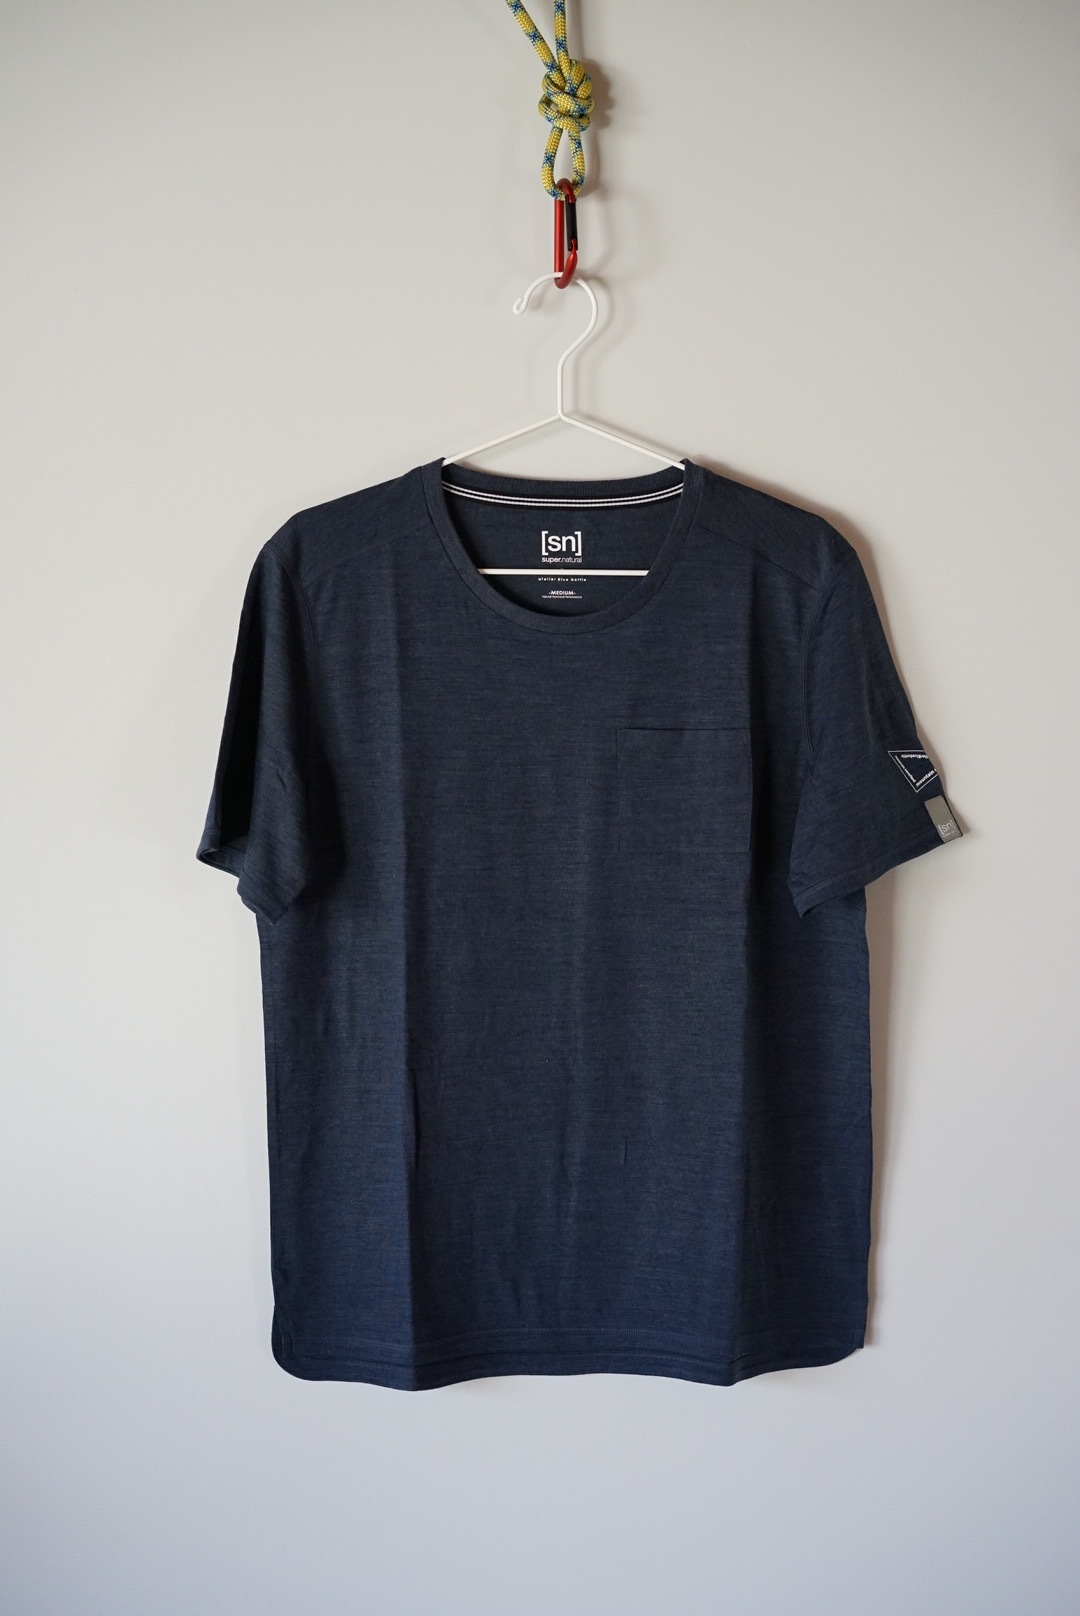 Hiker's T-shirt、完売!